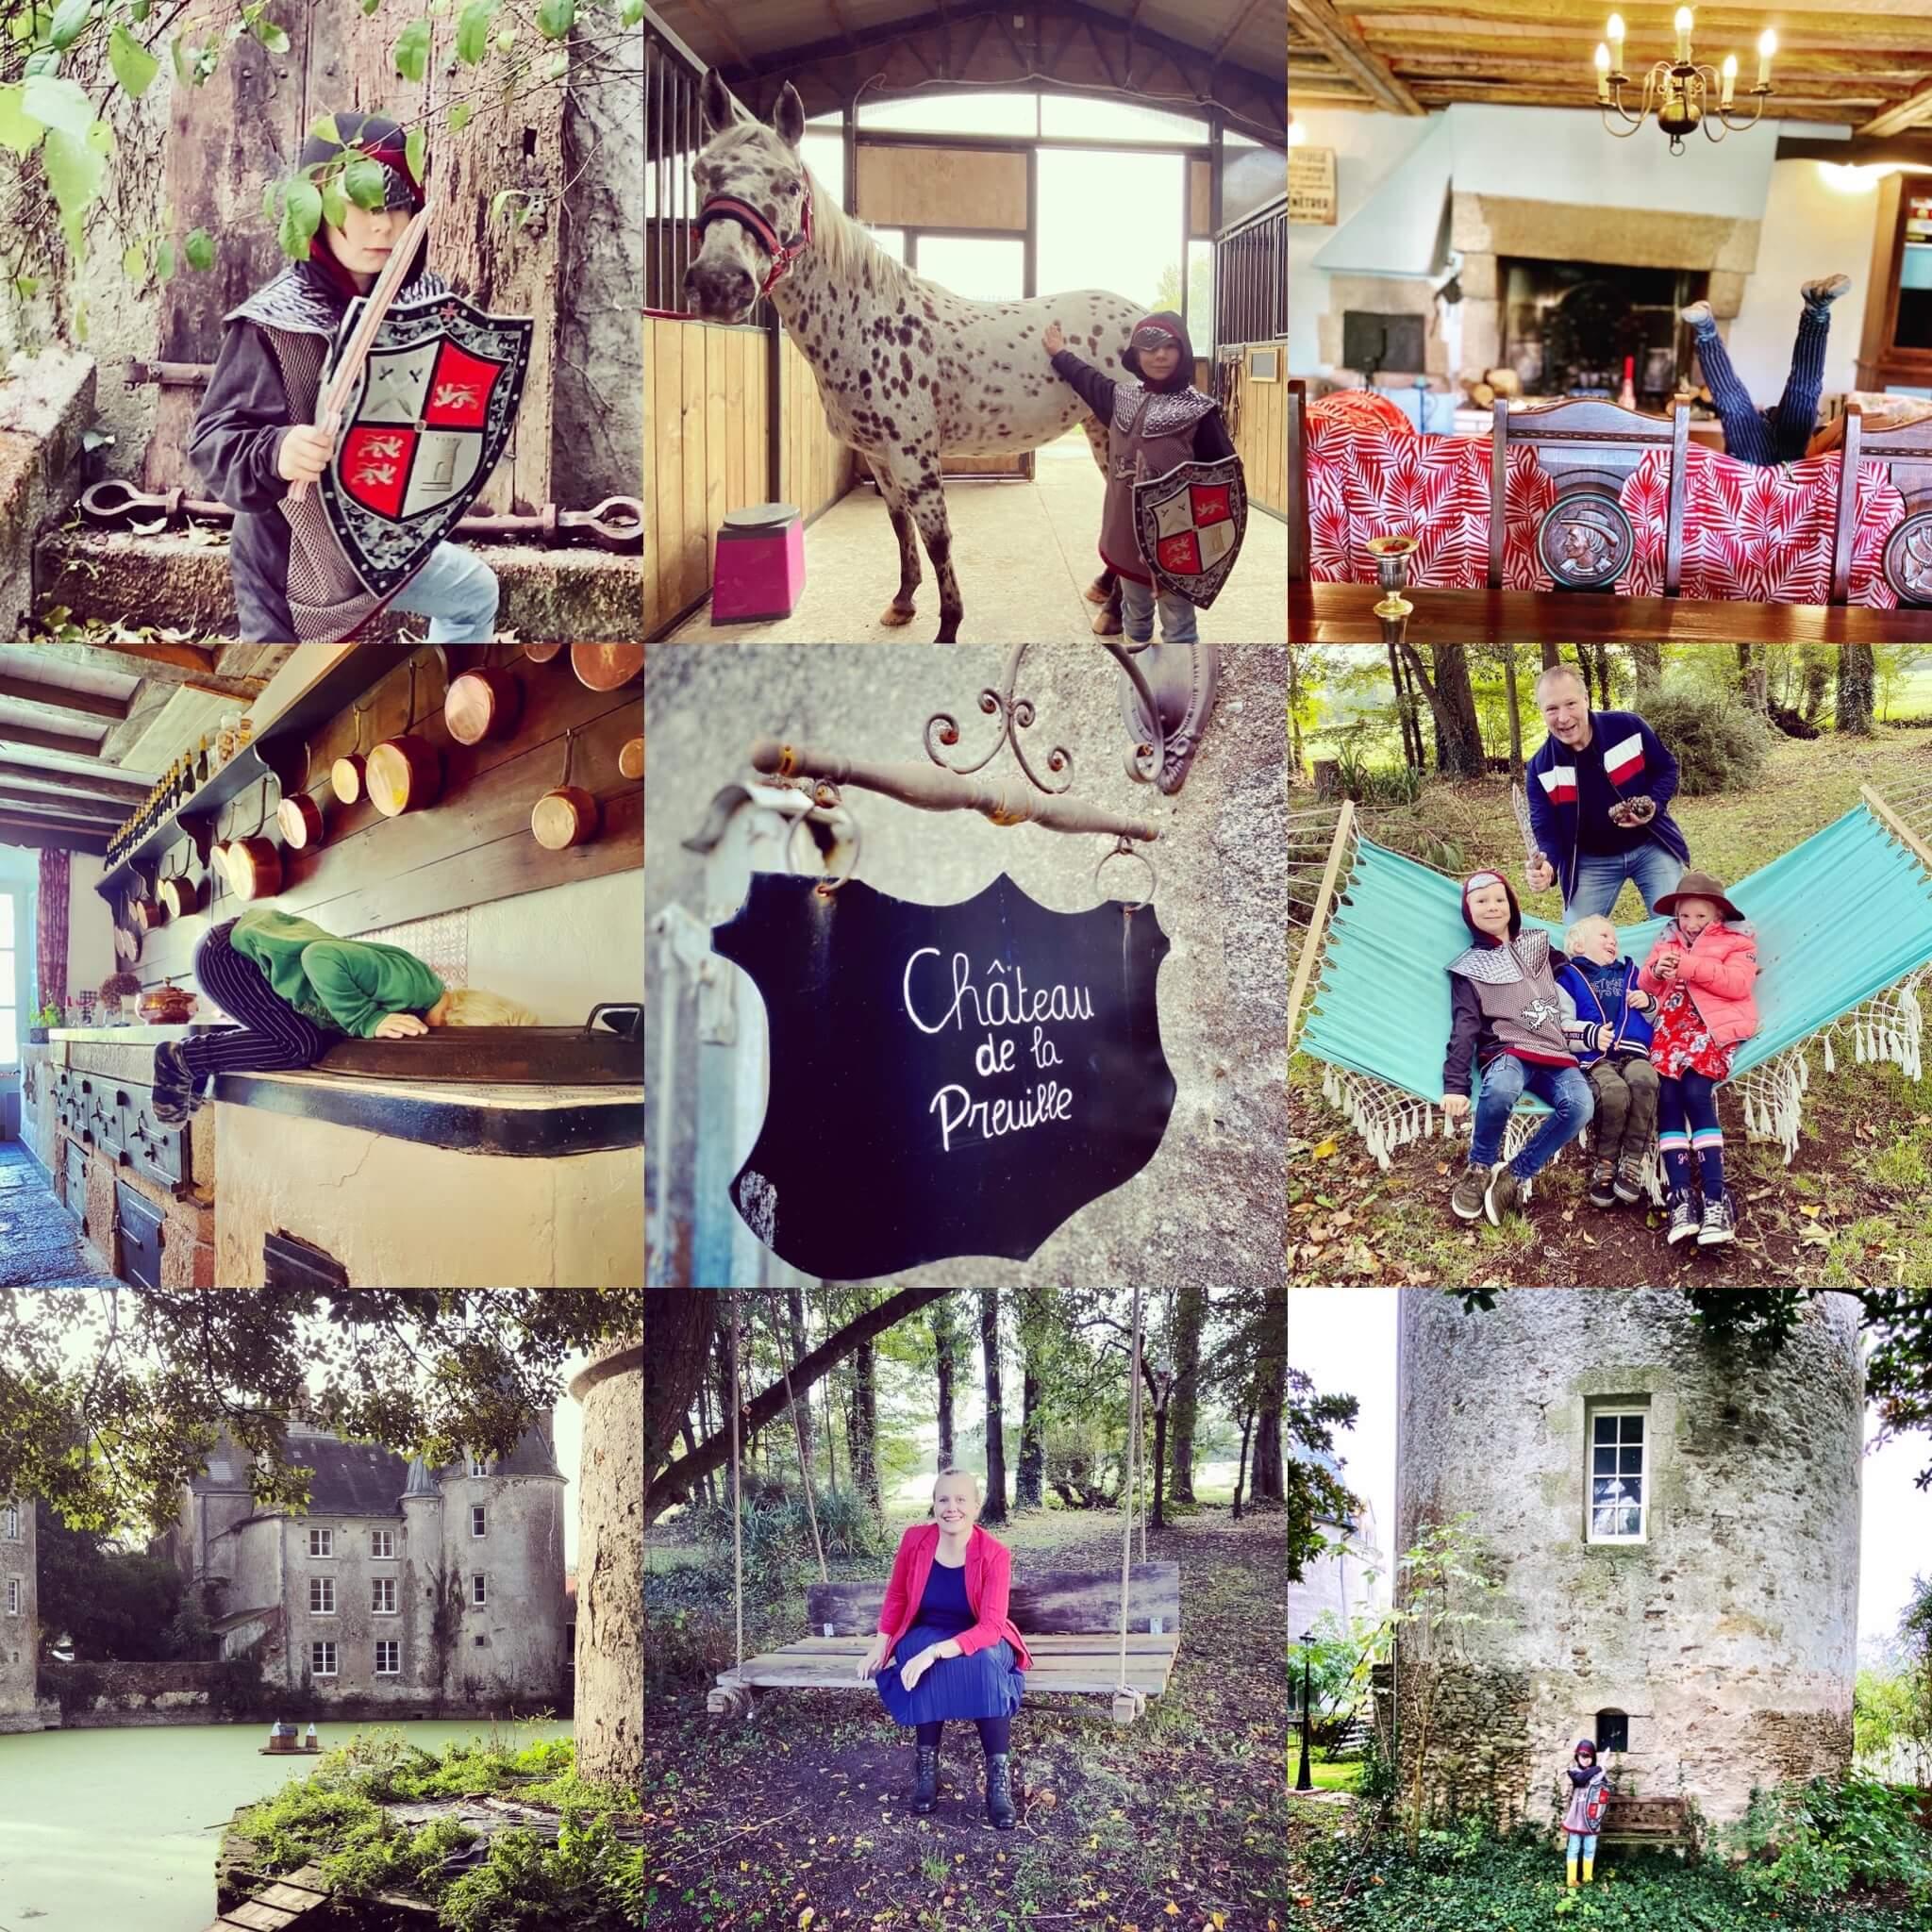 chateau de la preuille, souza for kids, prins, kasteel es, ridder, frankrijk